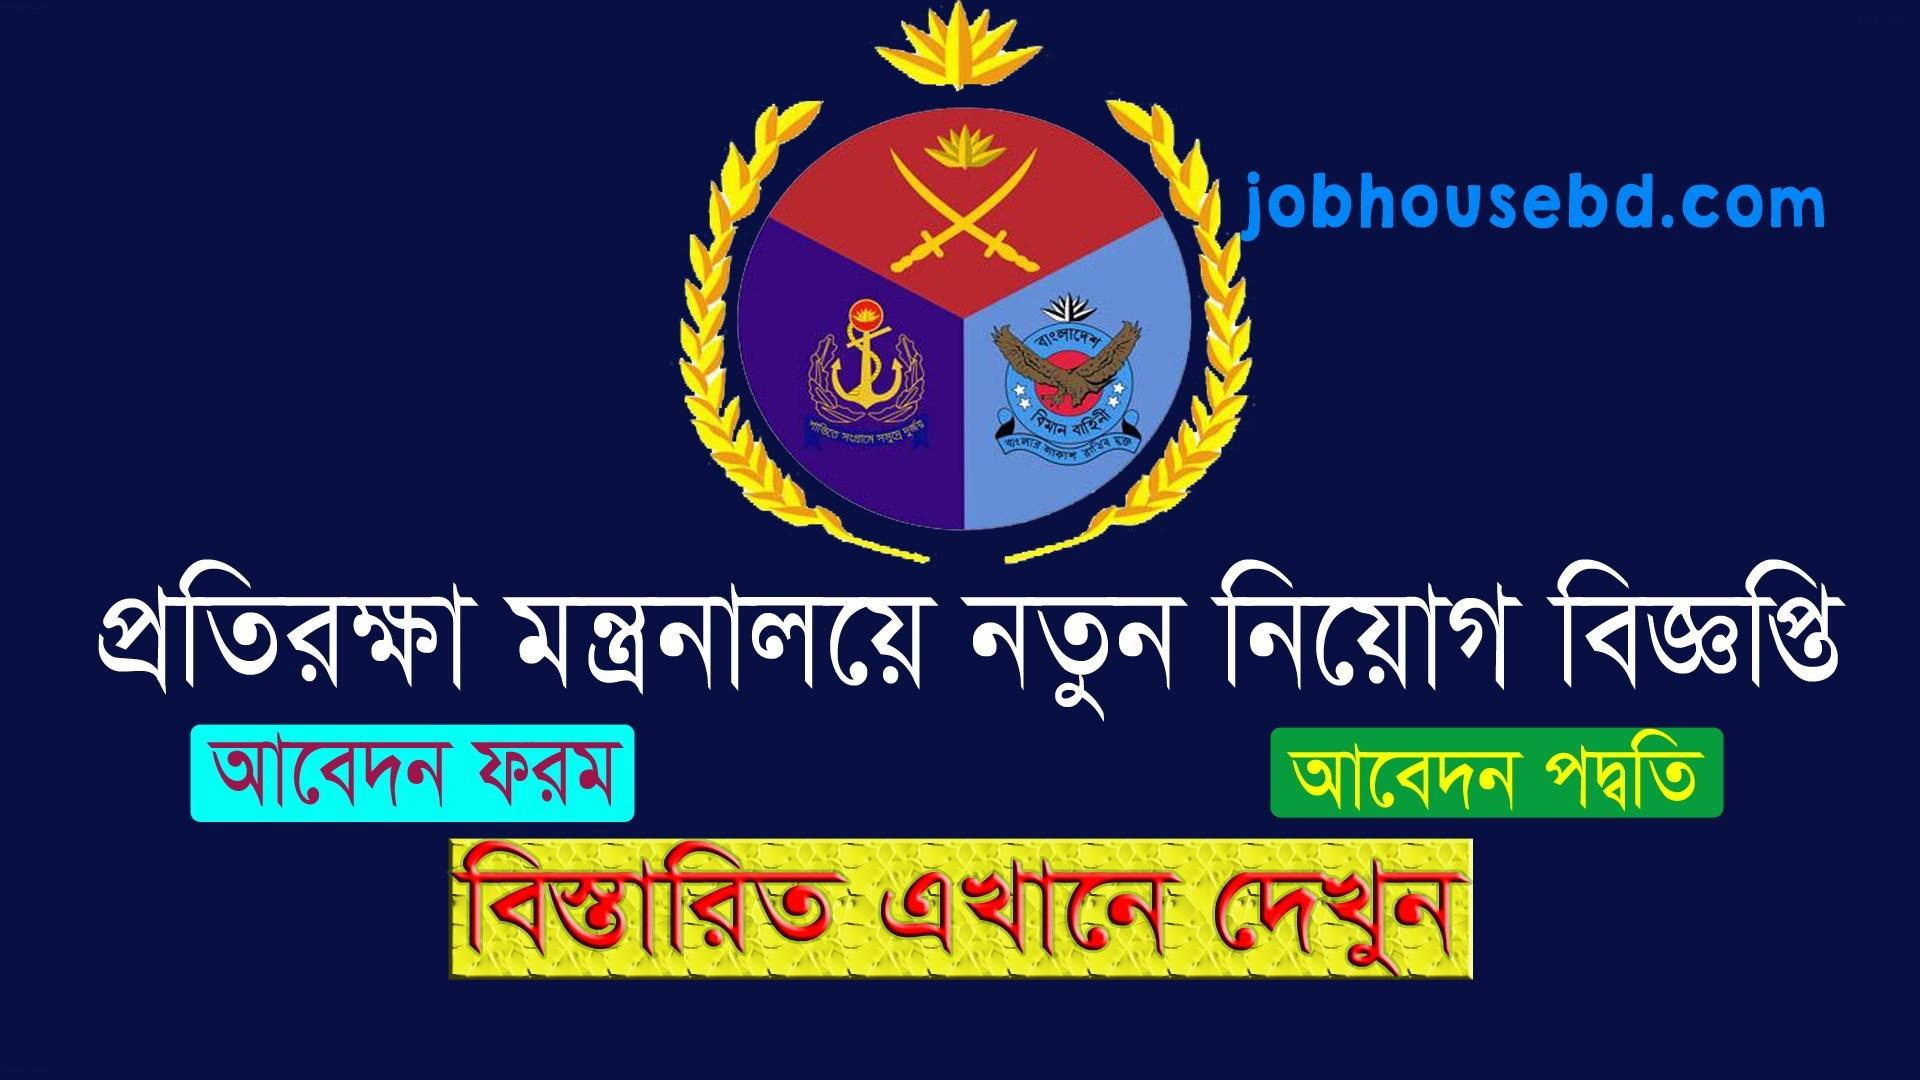 প্রতিরক্ষা মন্ত্রণালয়ে নিয়োগ বিজ্ঞপ্তি ২০১৯ - Shikka Bangla